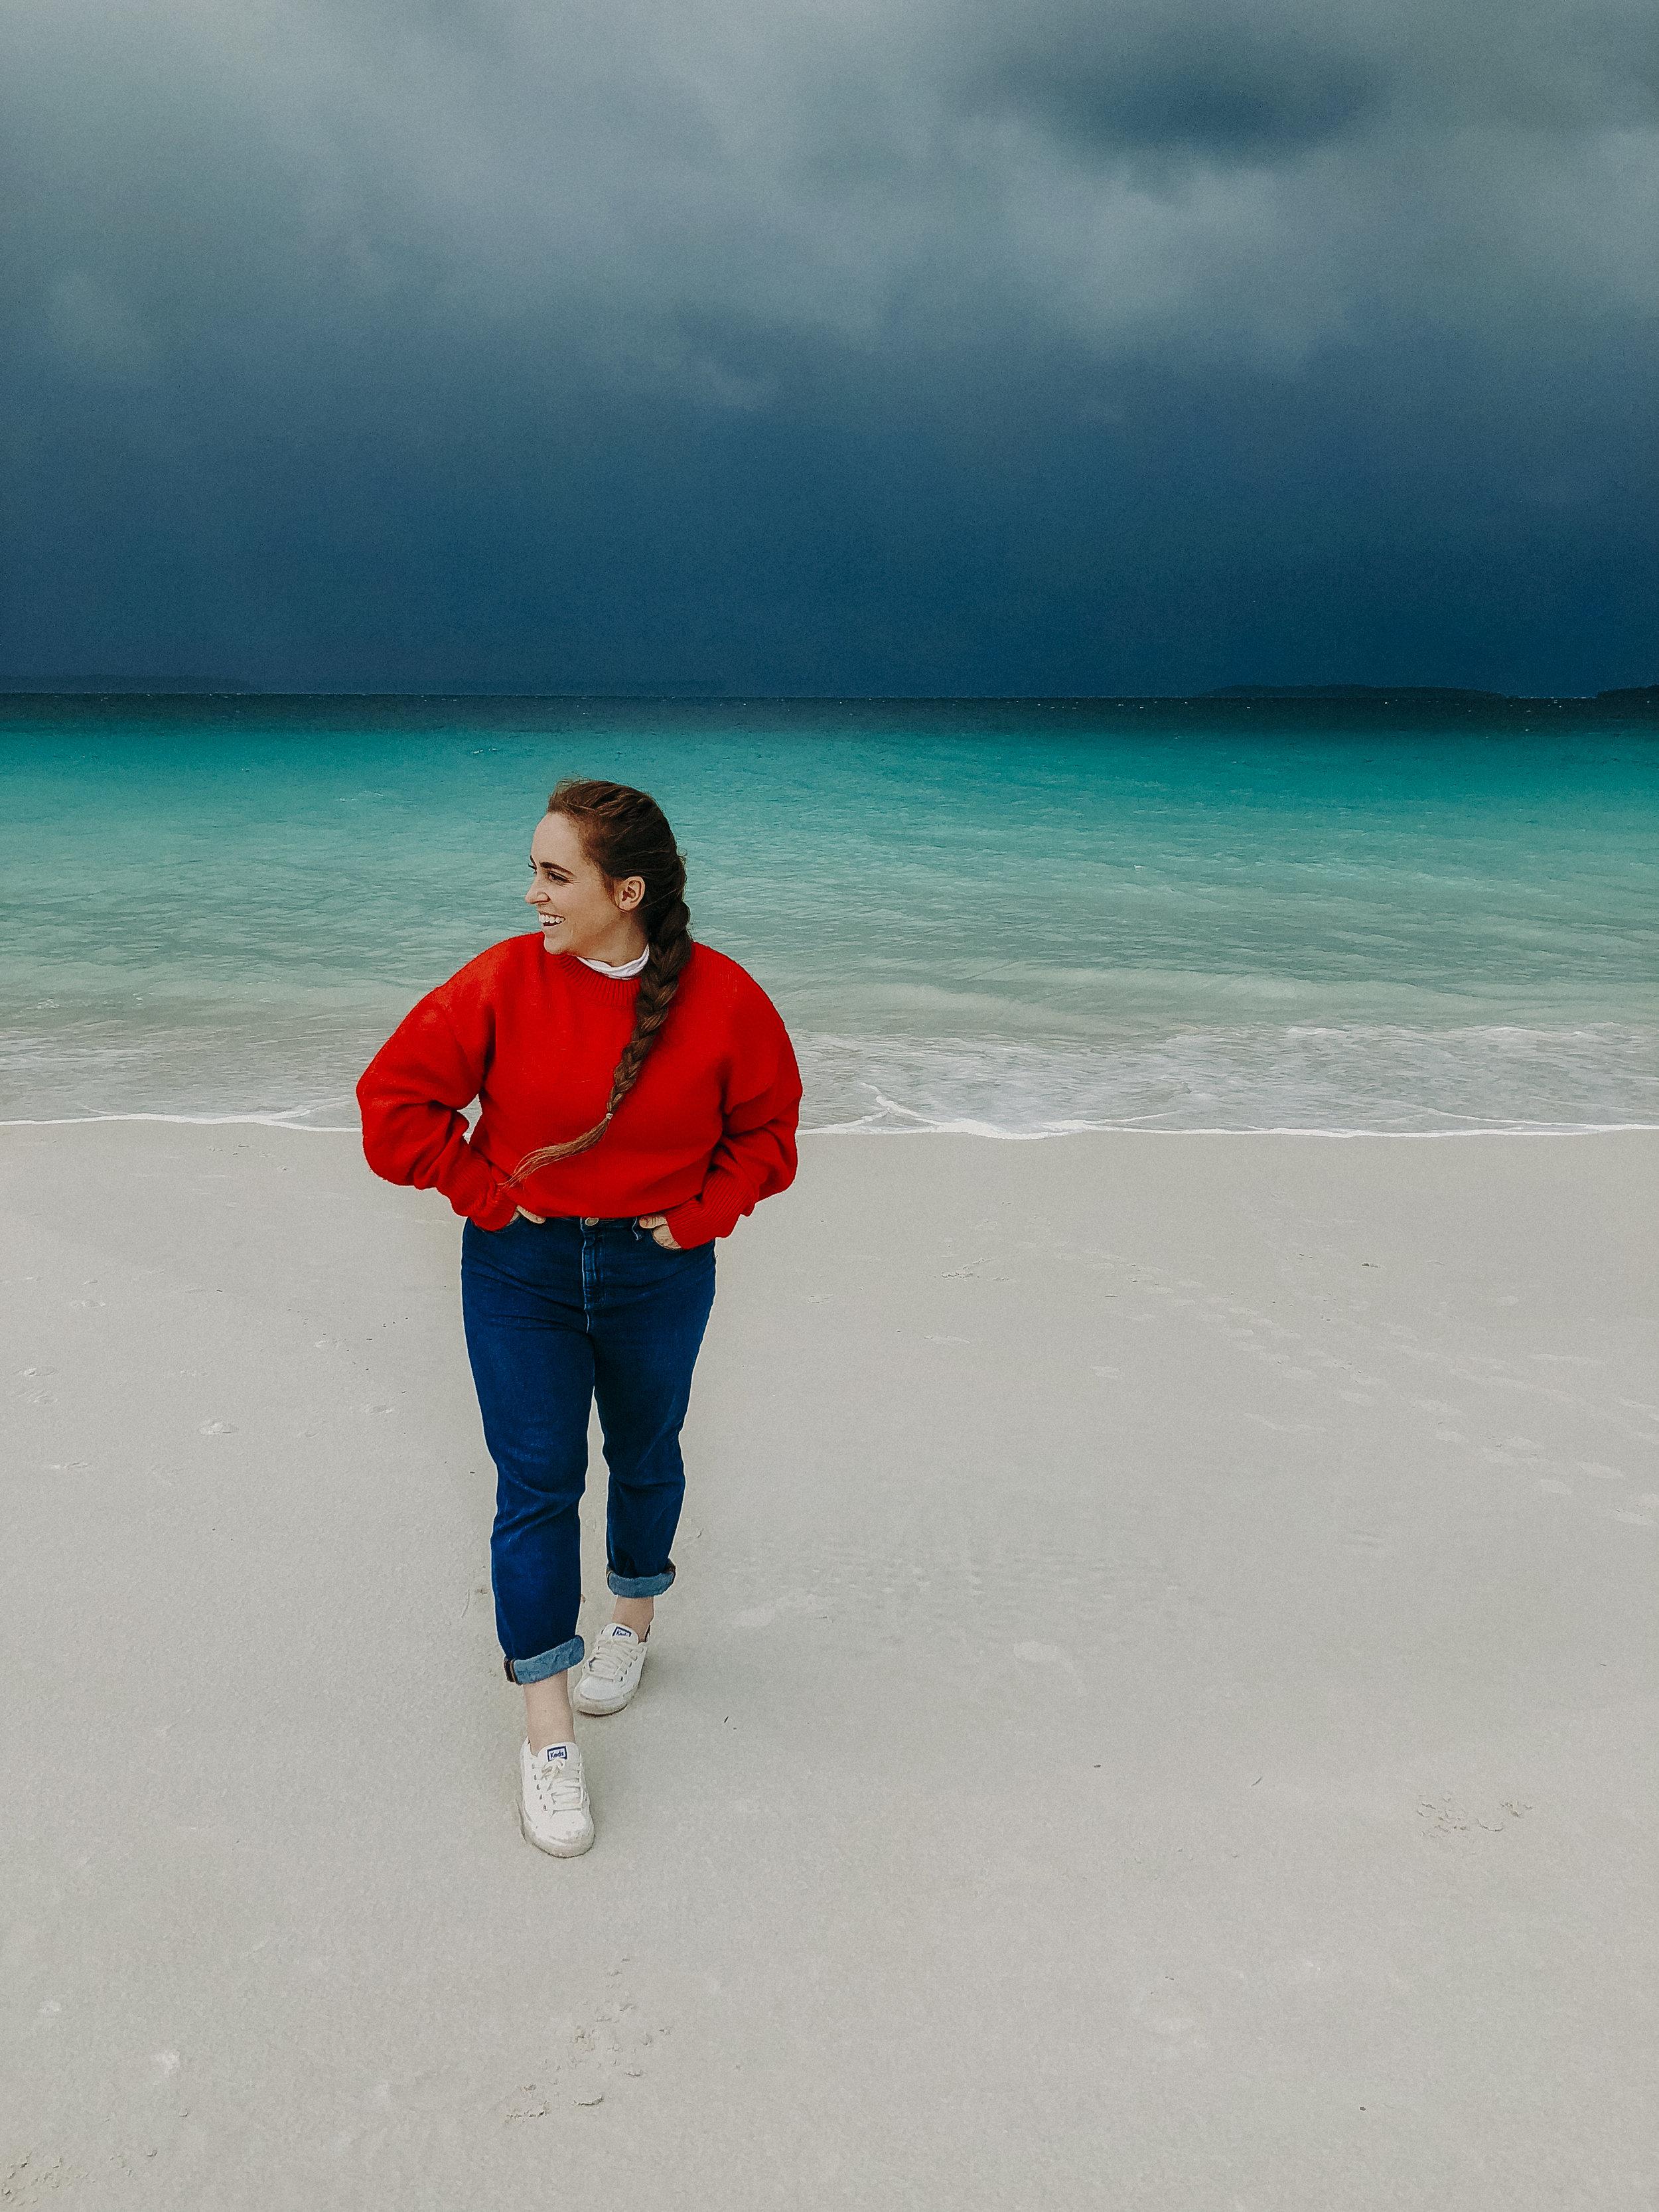 Hyams-Beach-Australia-Whitest-Sand-In-The-World-21.jpg